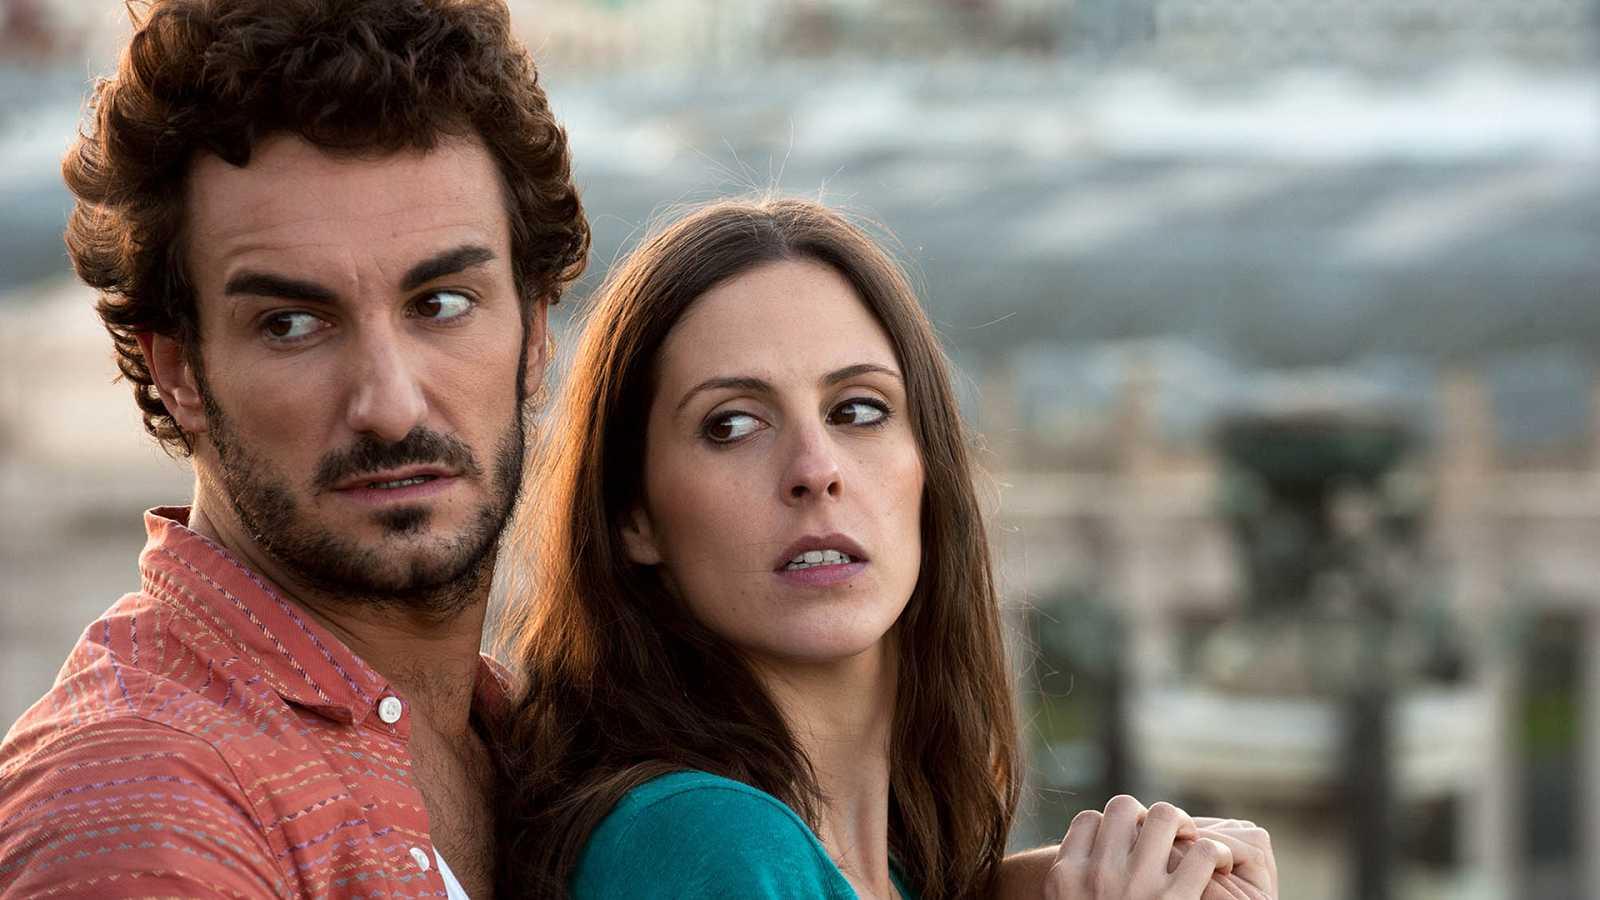 Somos Cine - Barcelona, noche de verano - Ver ahora